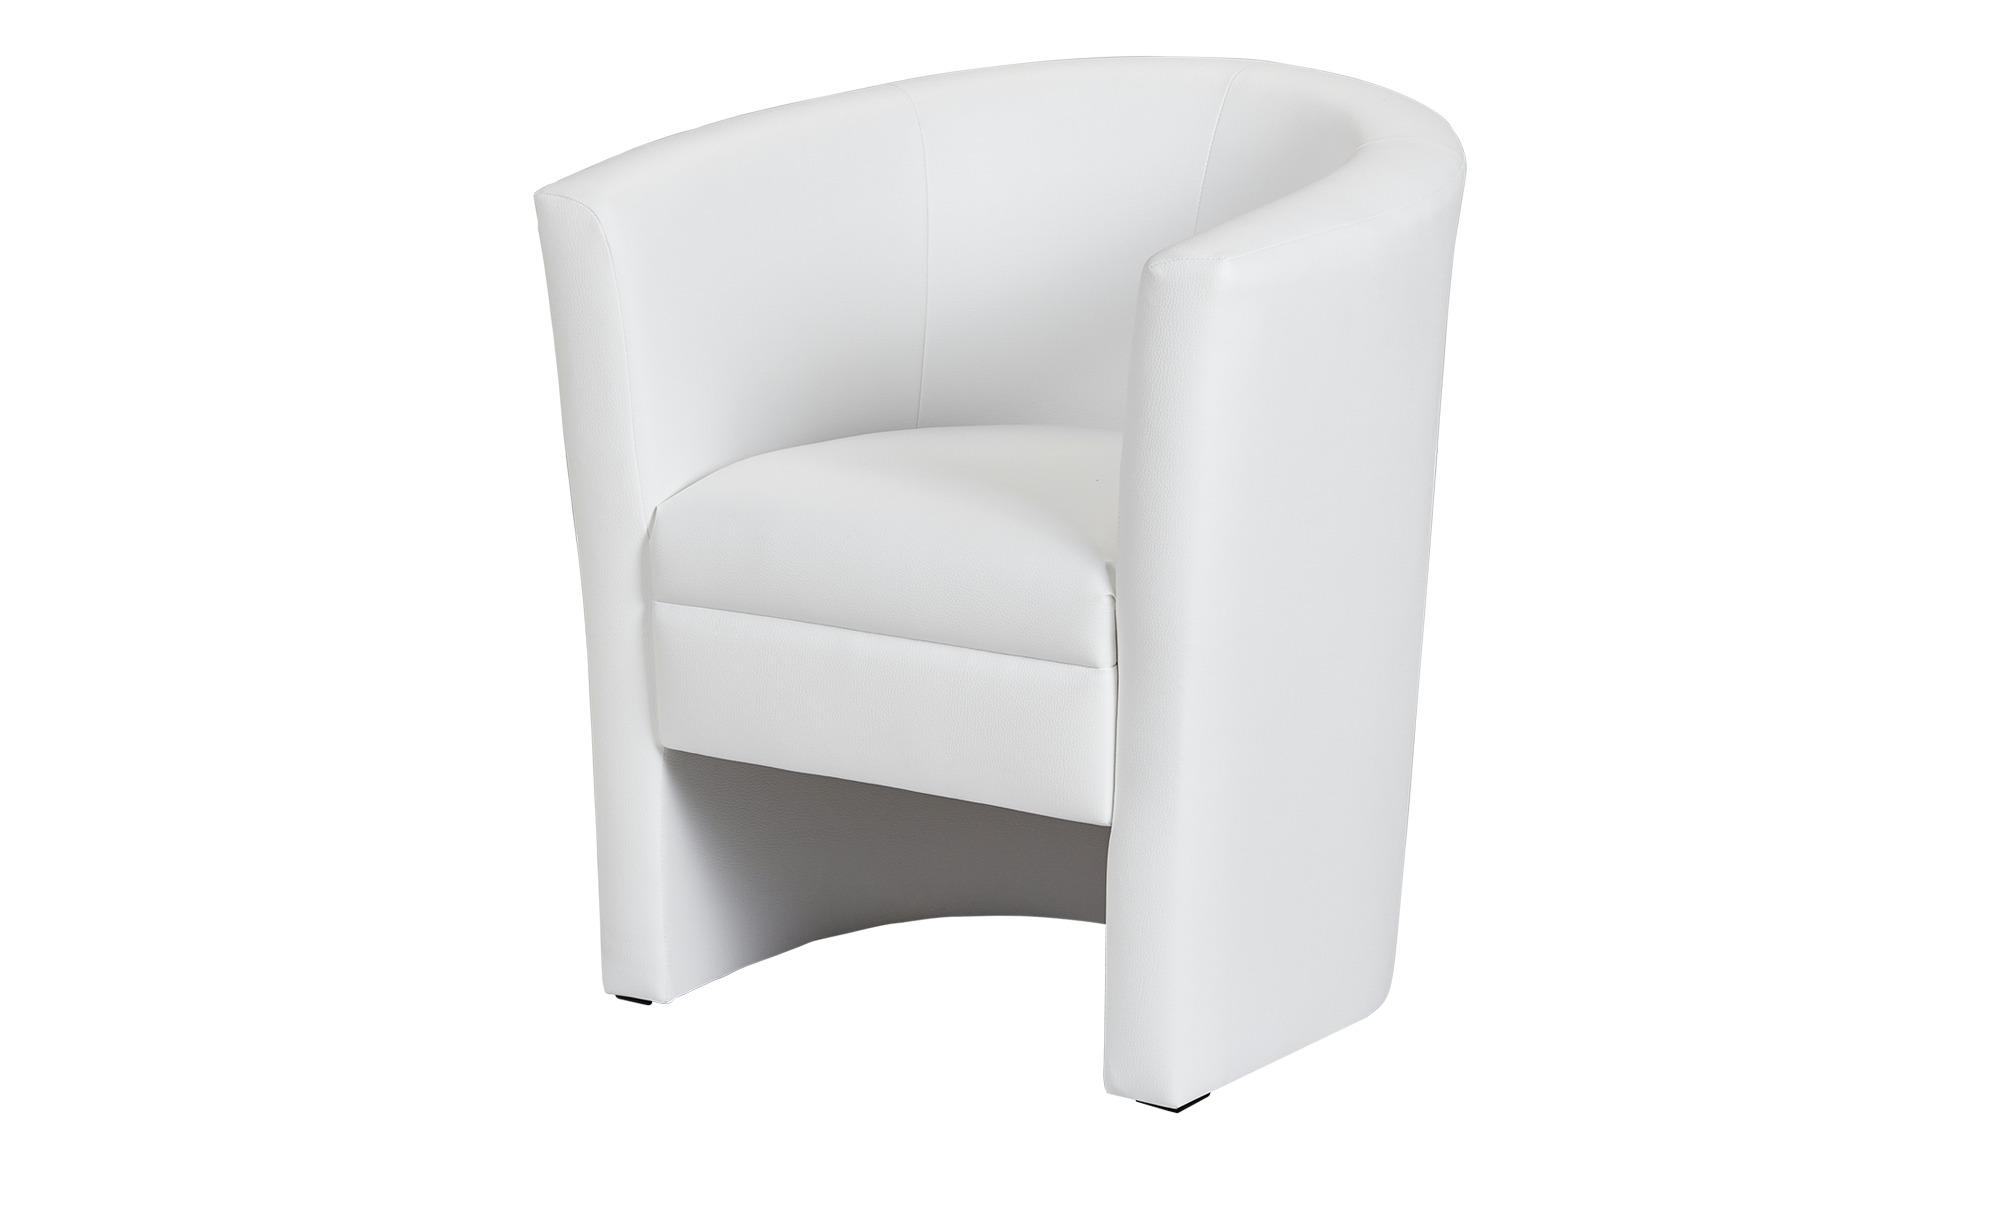 Cocktailsessel - weiß - 73 cm - 78 cm - 60 cm - Polstermöbel > Sessel > Cocktailsessel - Möbel Kraft | Wohnzimmer > Sessel > Cocktailsessel & Clubsessel | Sconto